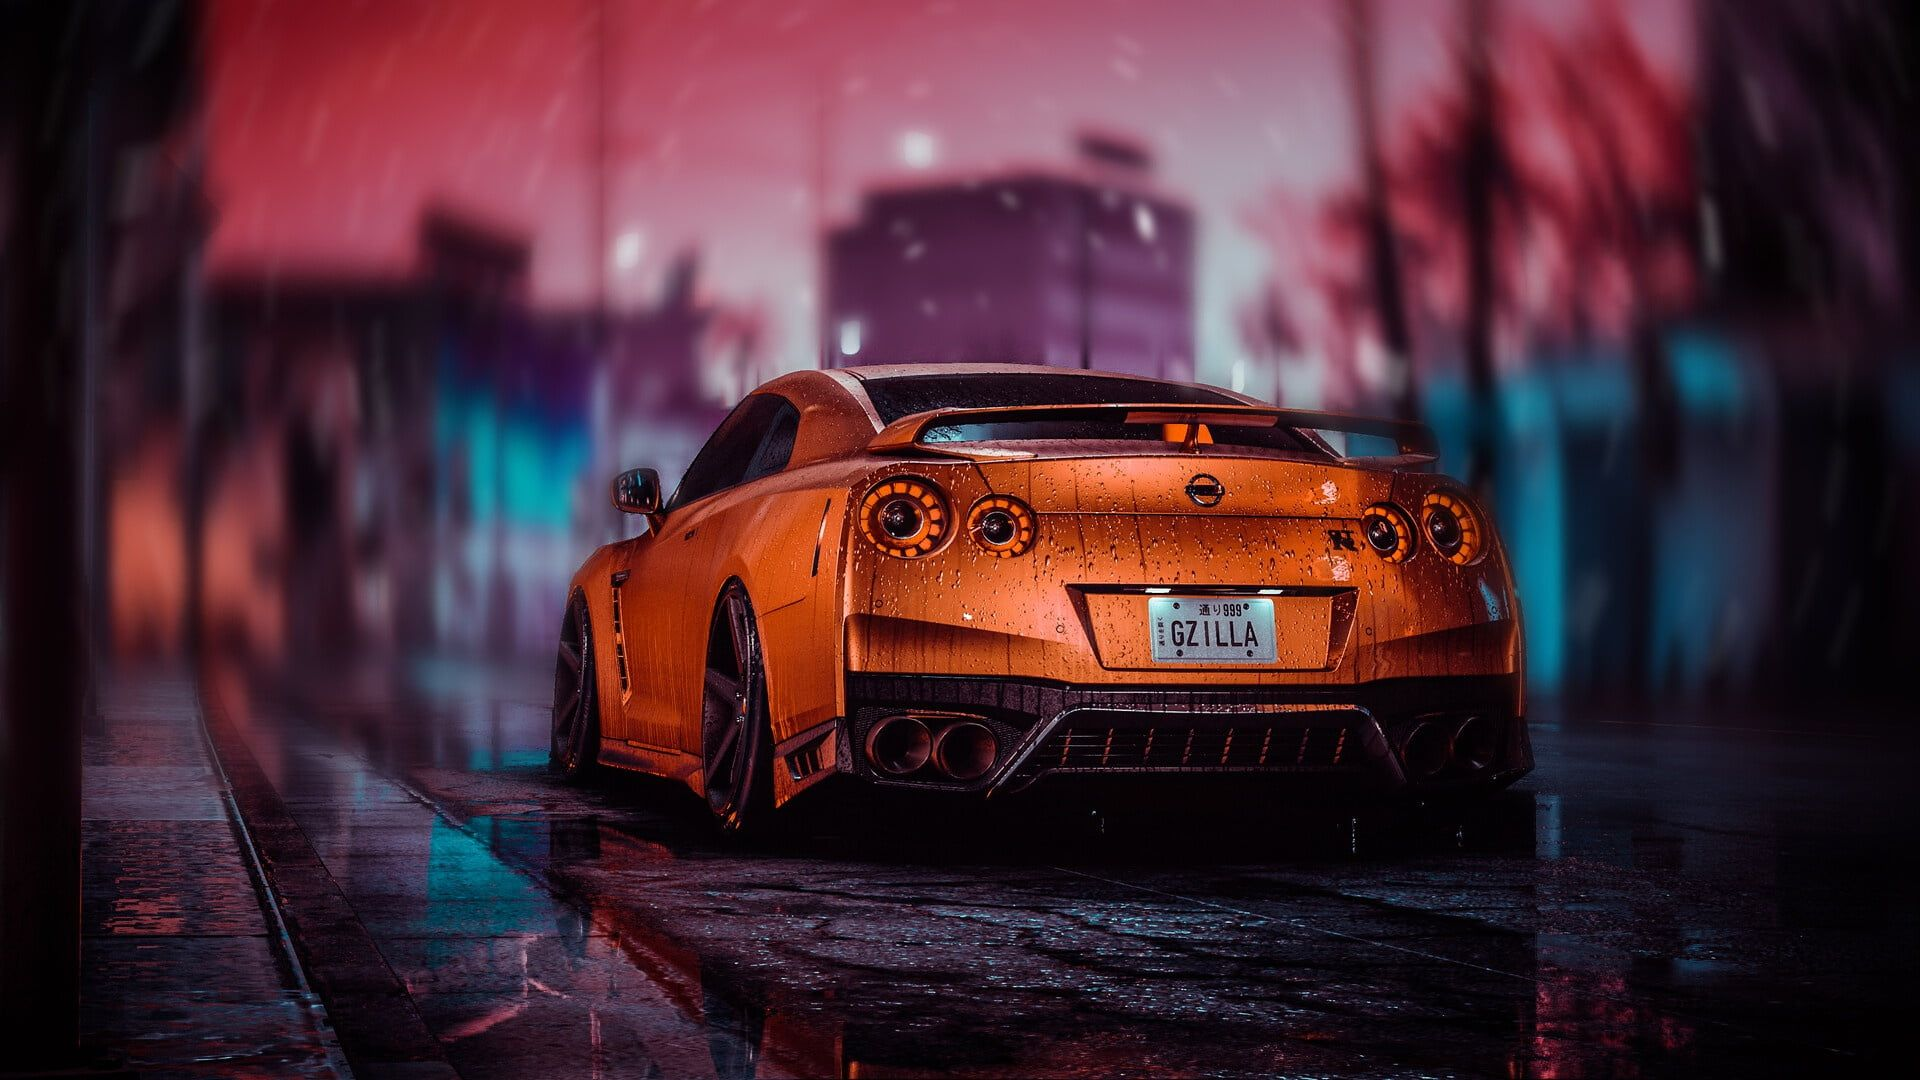 orange cars digital art car nissan